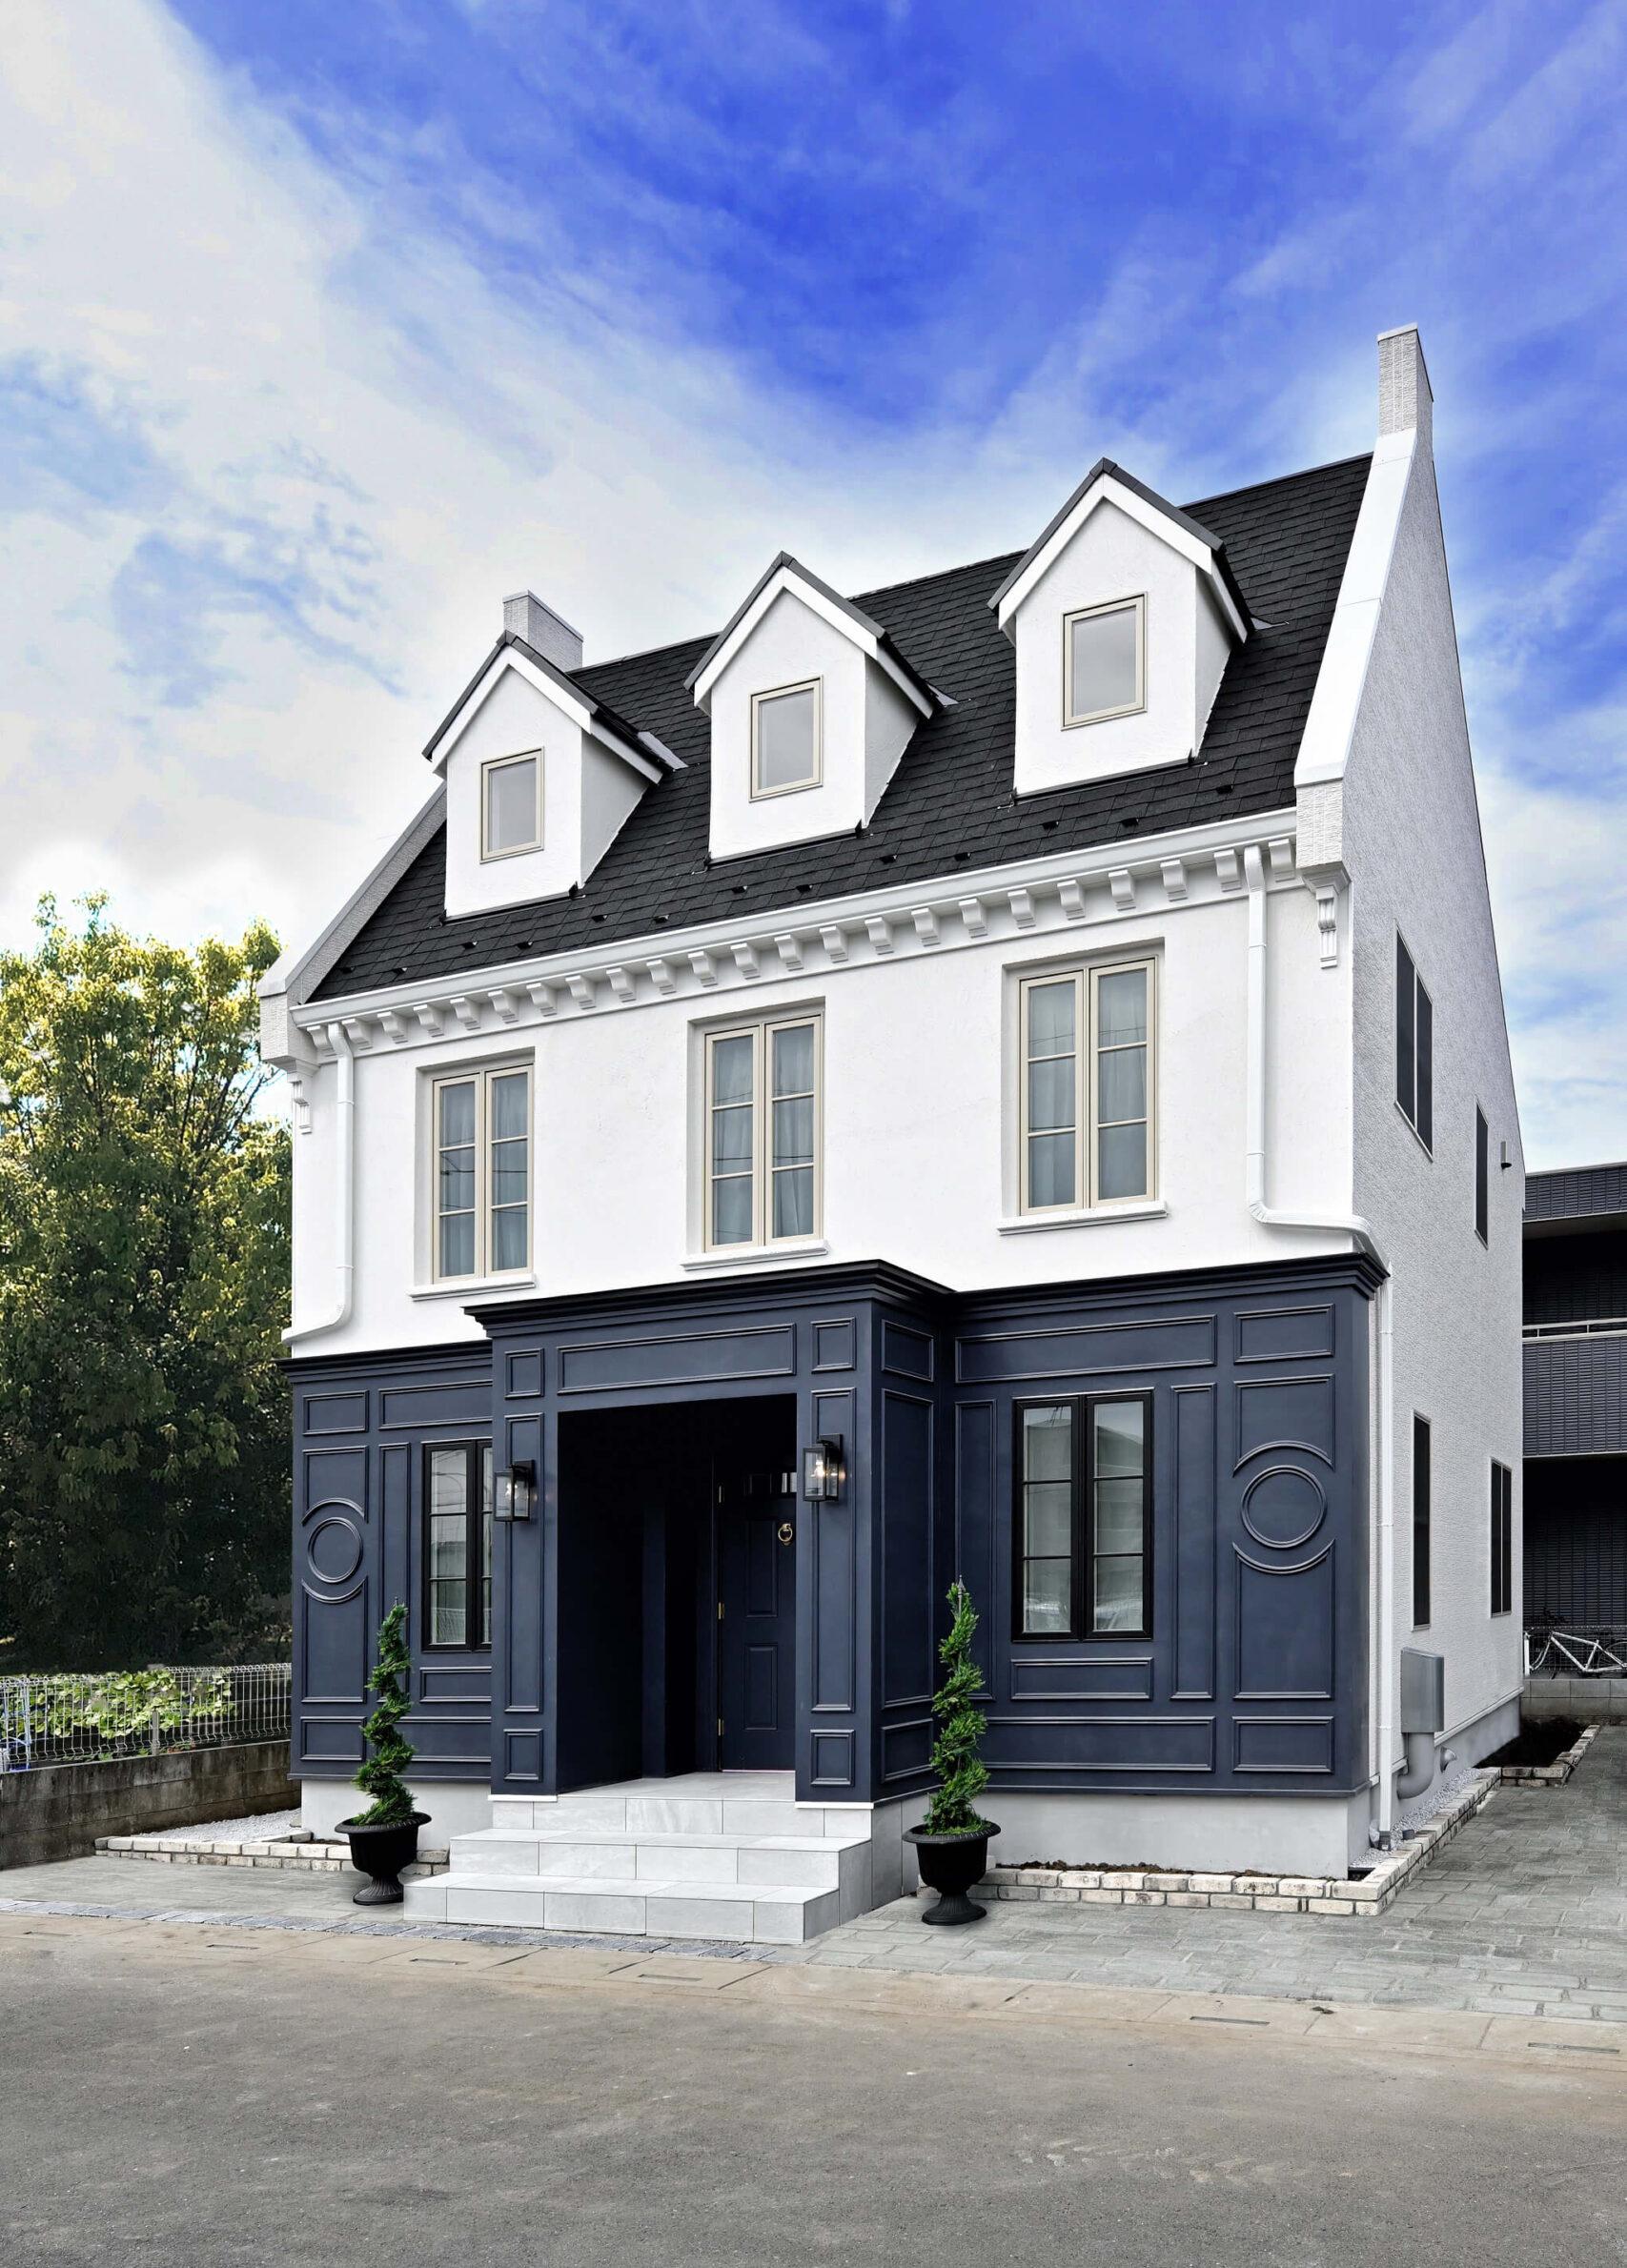 パリスタイルの本格輸入住宅